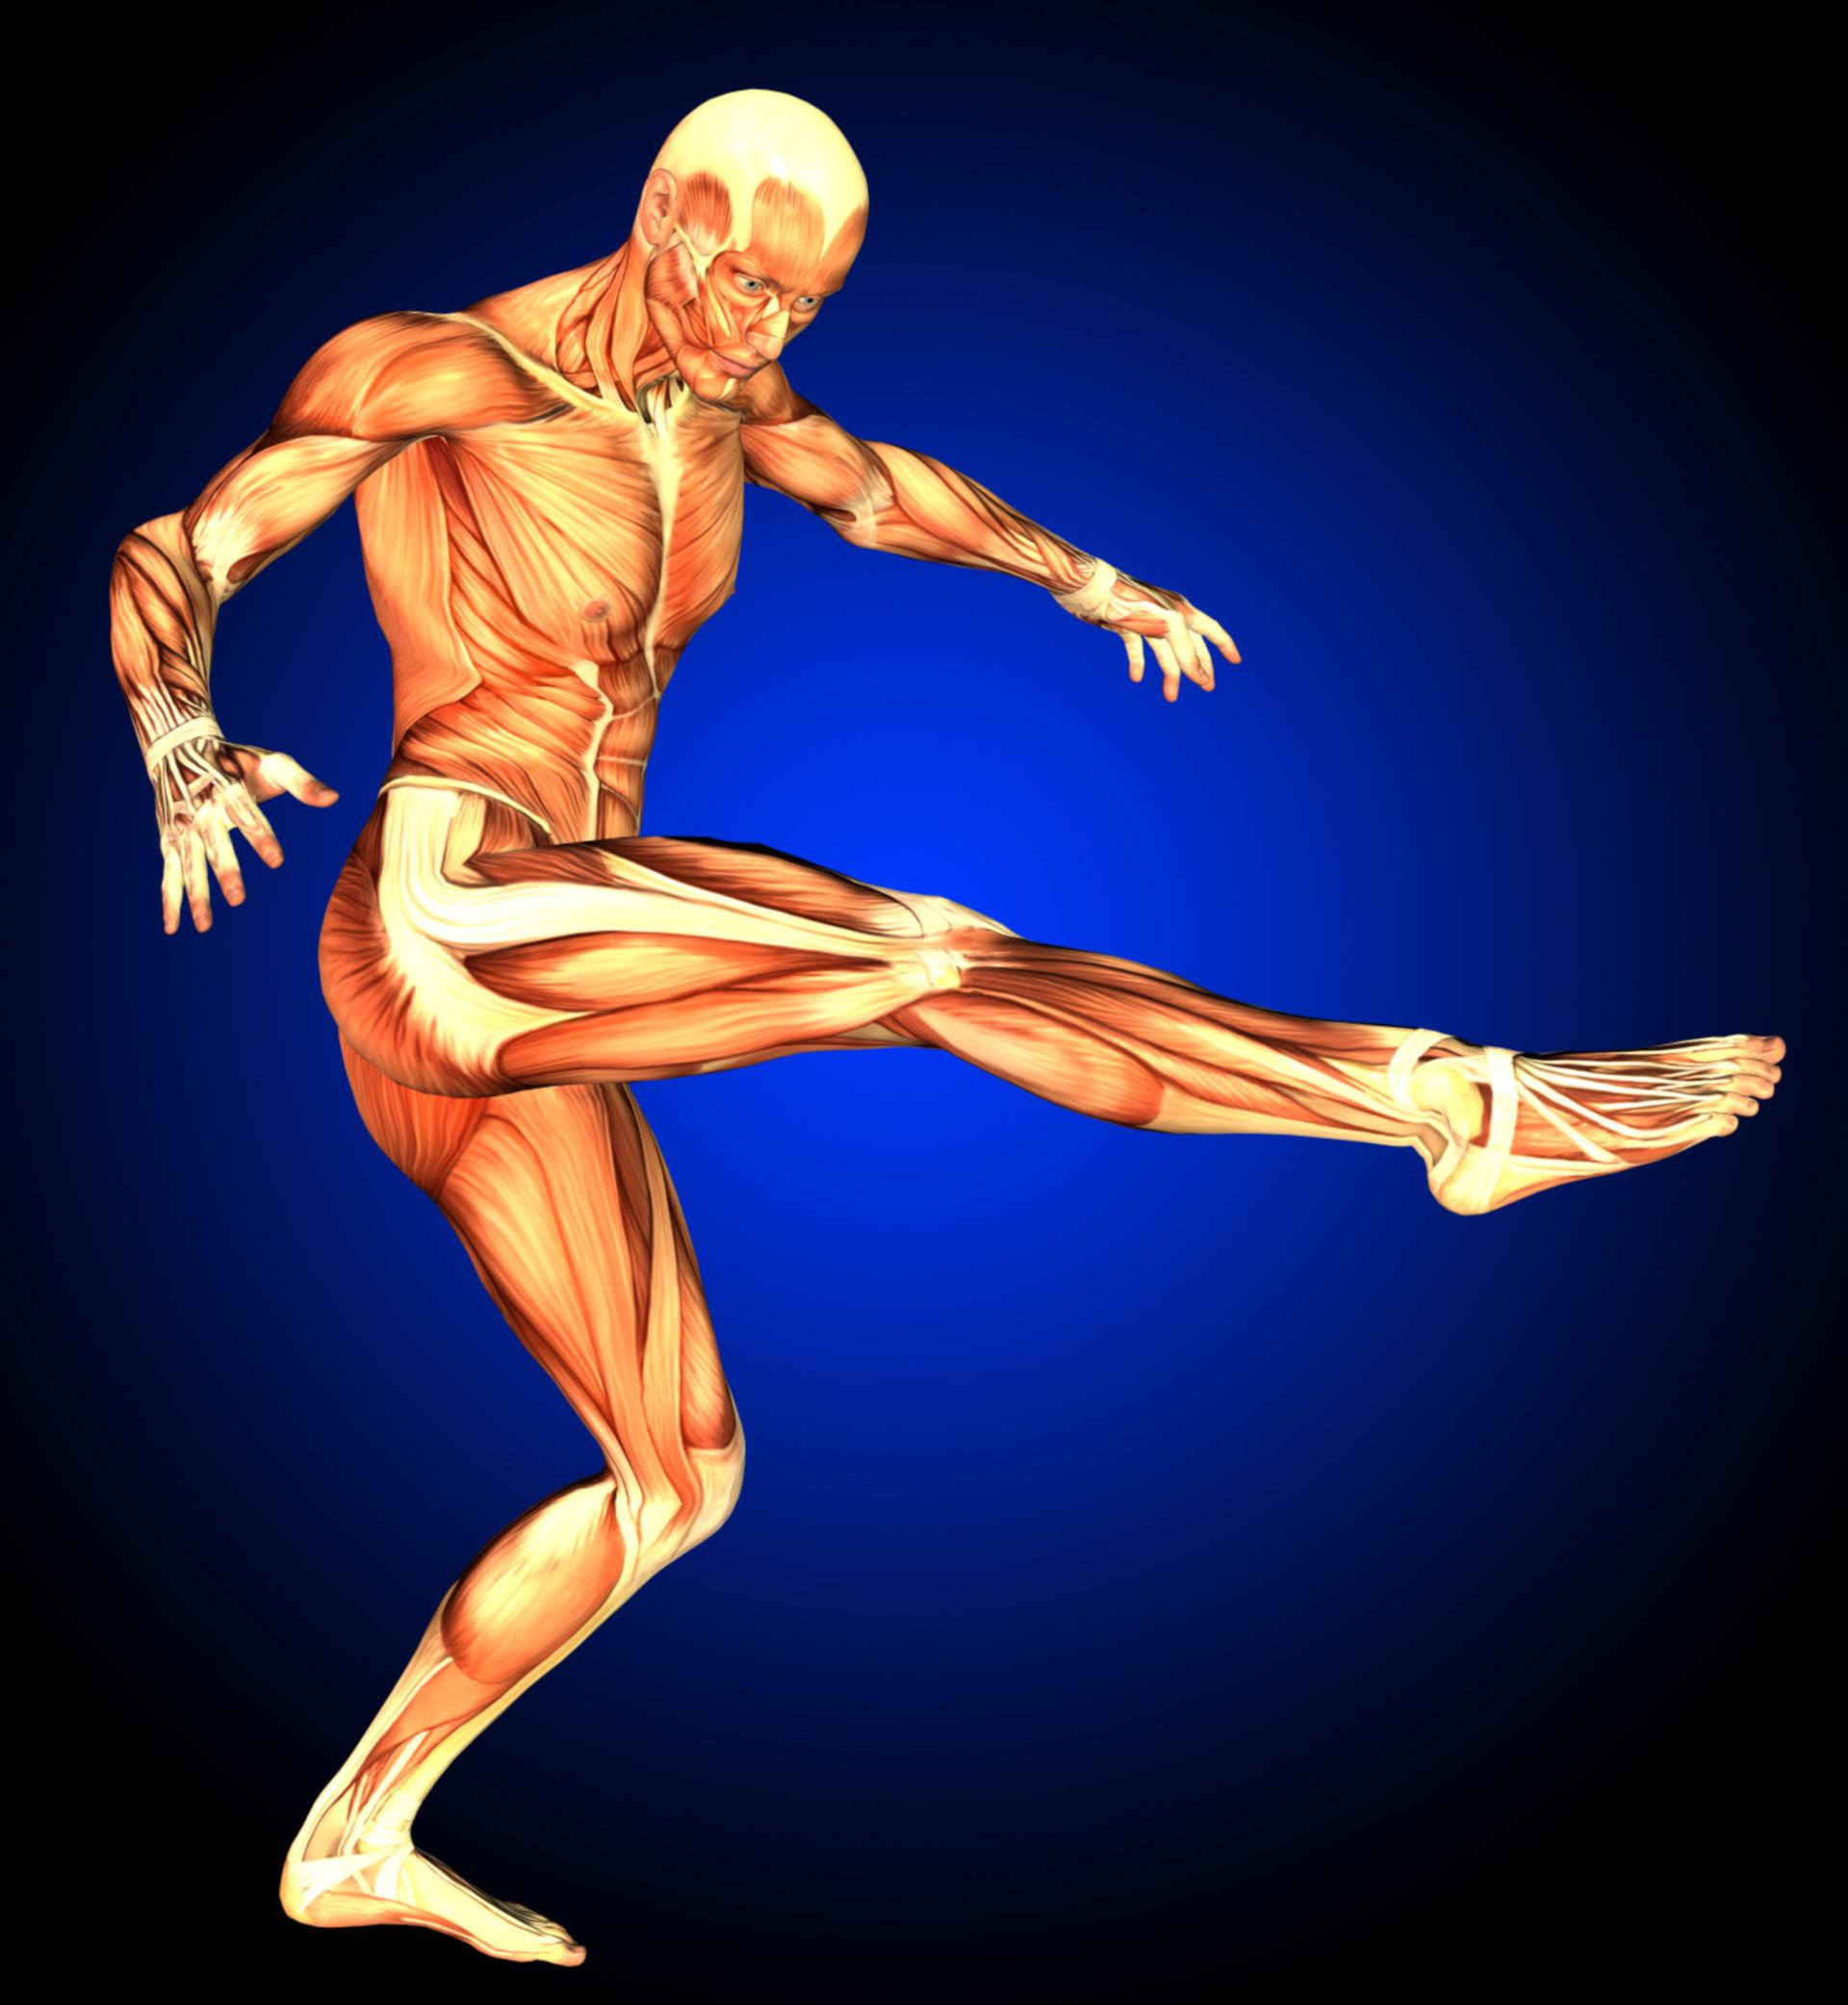 Muskelmann beim Torschuß